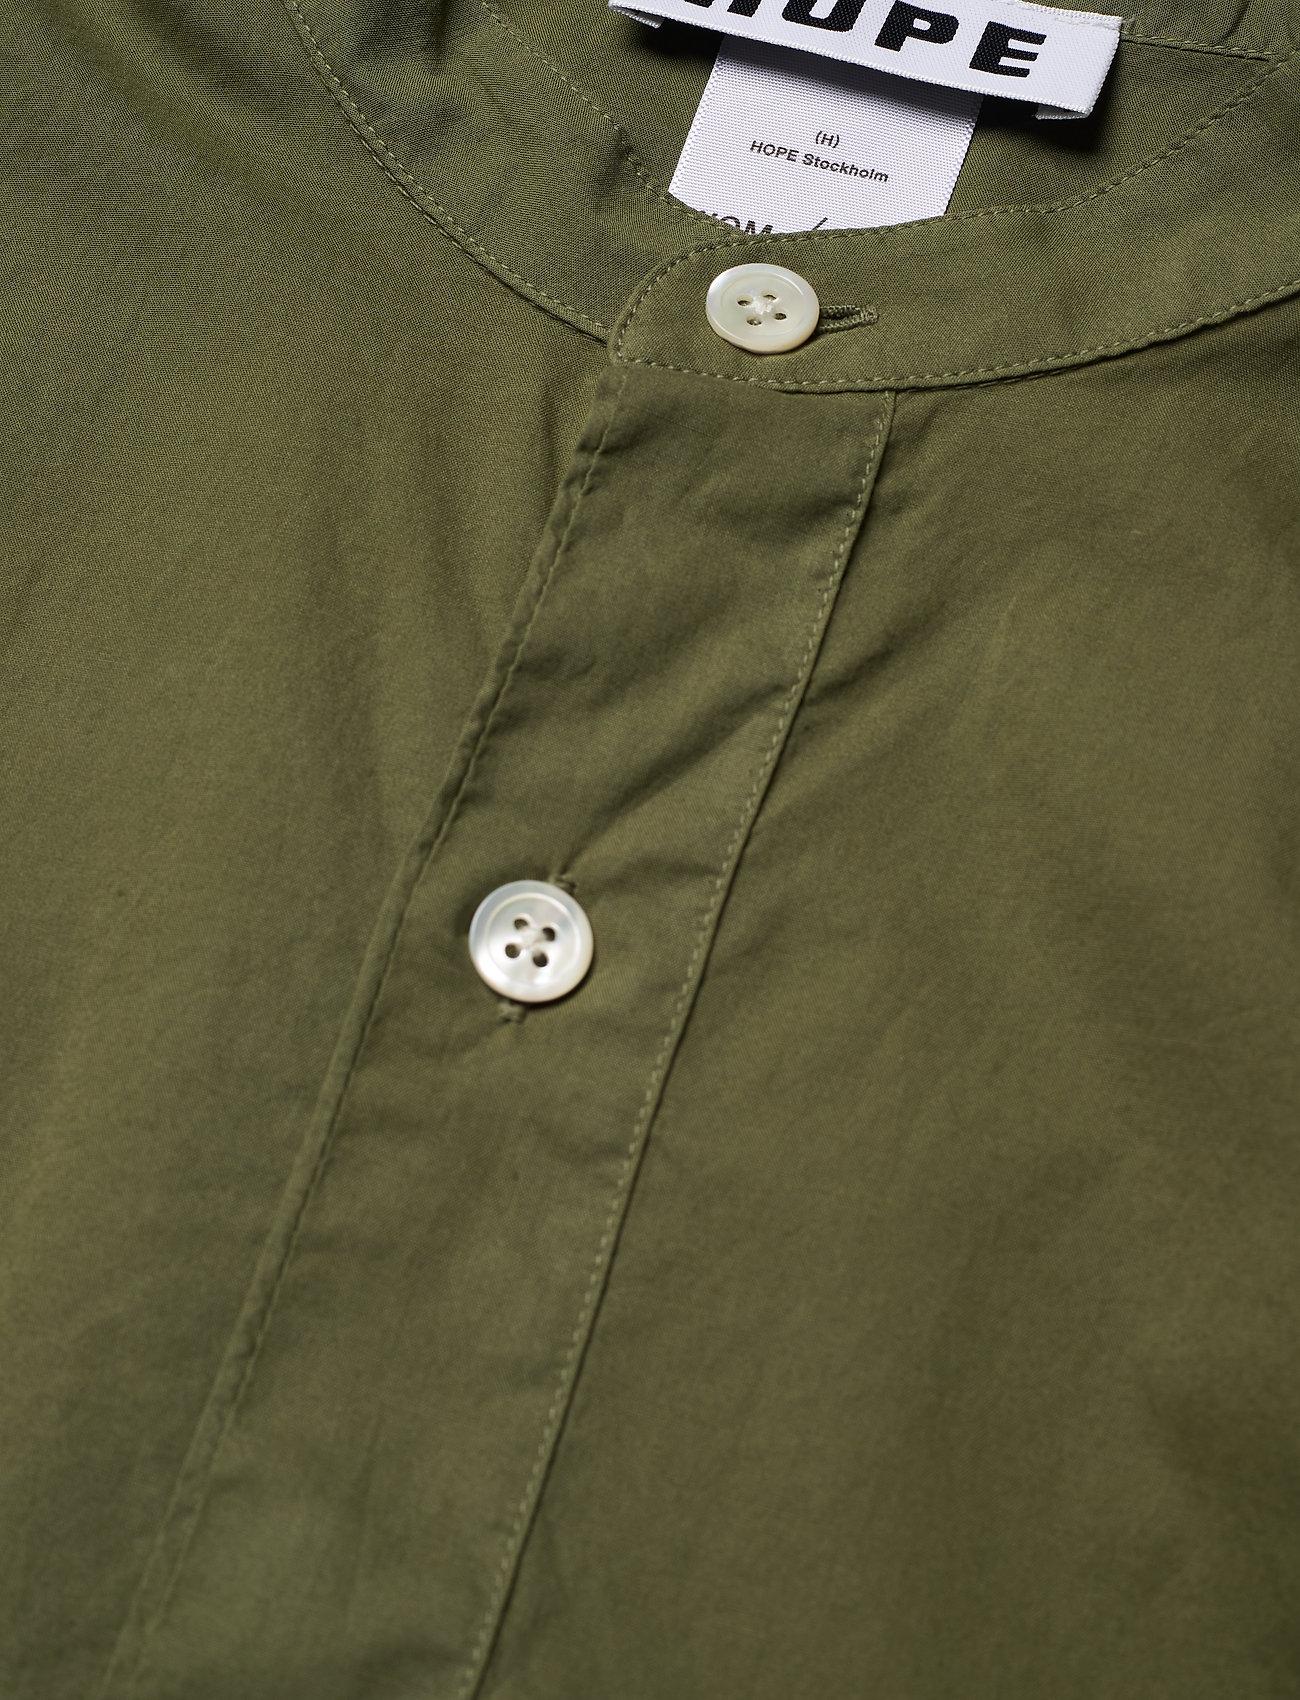 Hope Arc Shirt - Bluser & Skjorter KHAKI GREEN - Dameklær Spesialtilbud